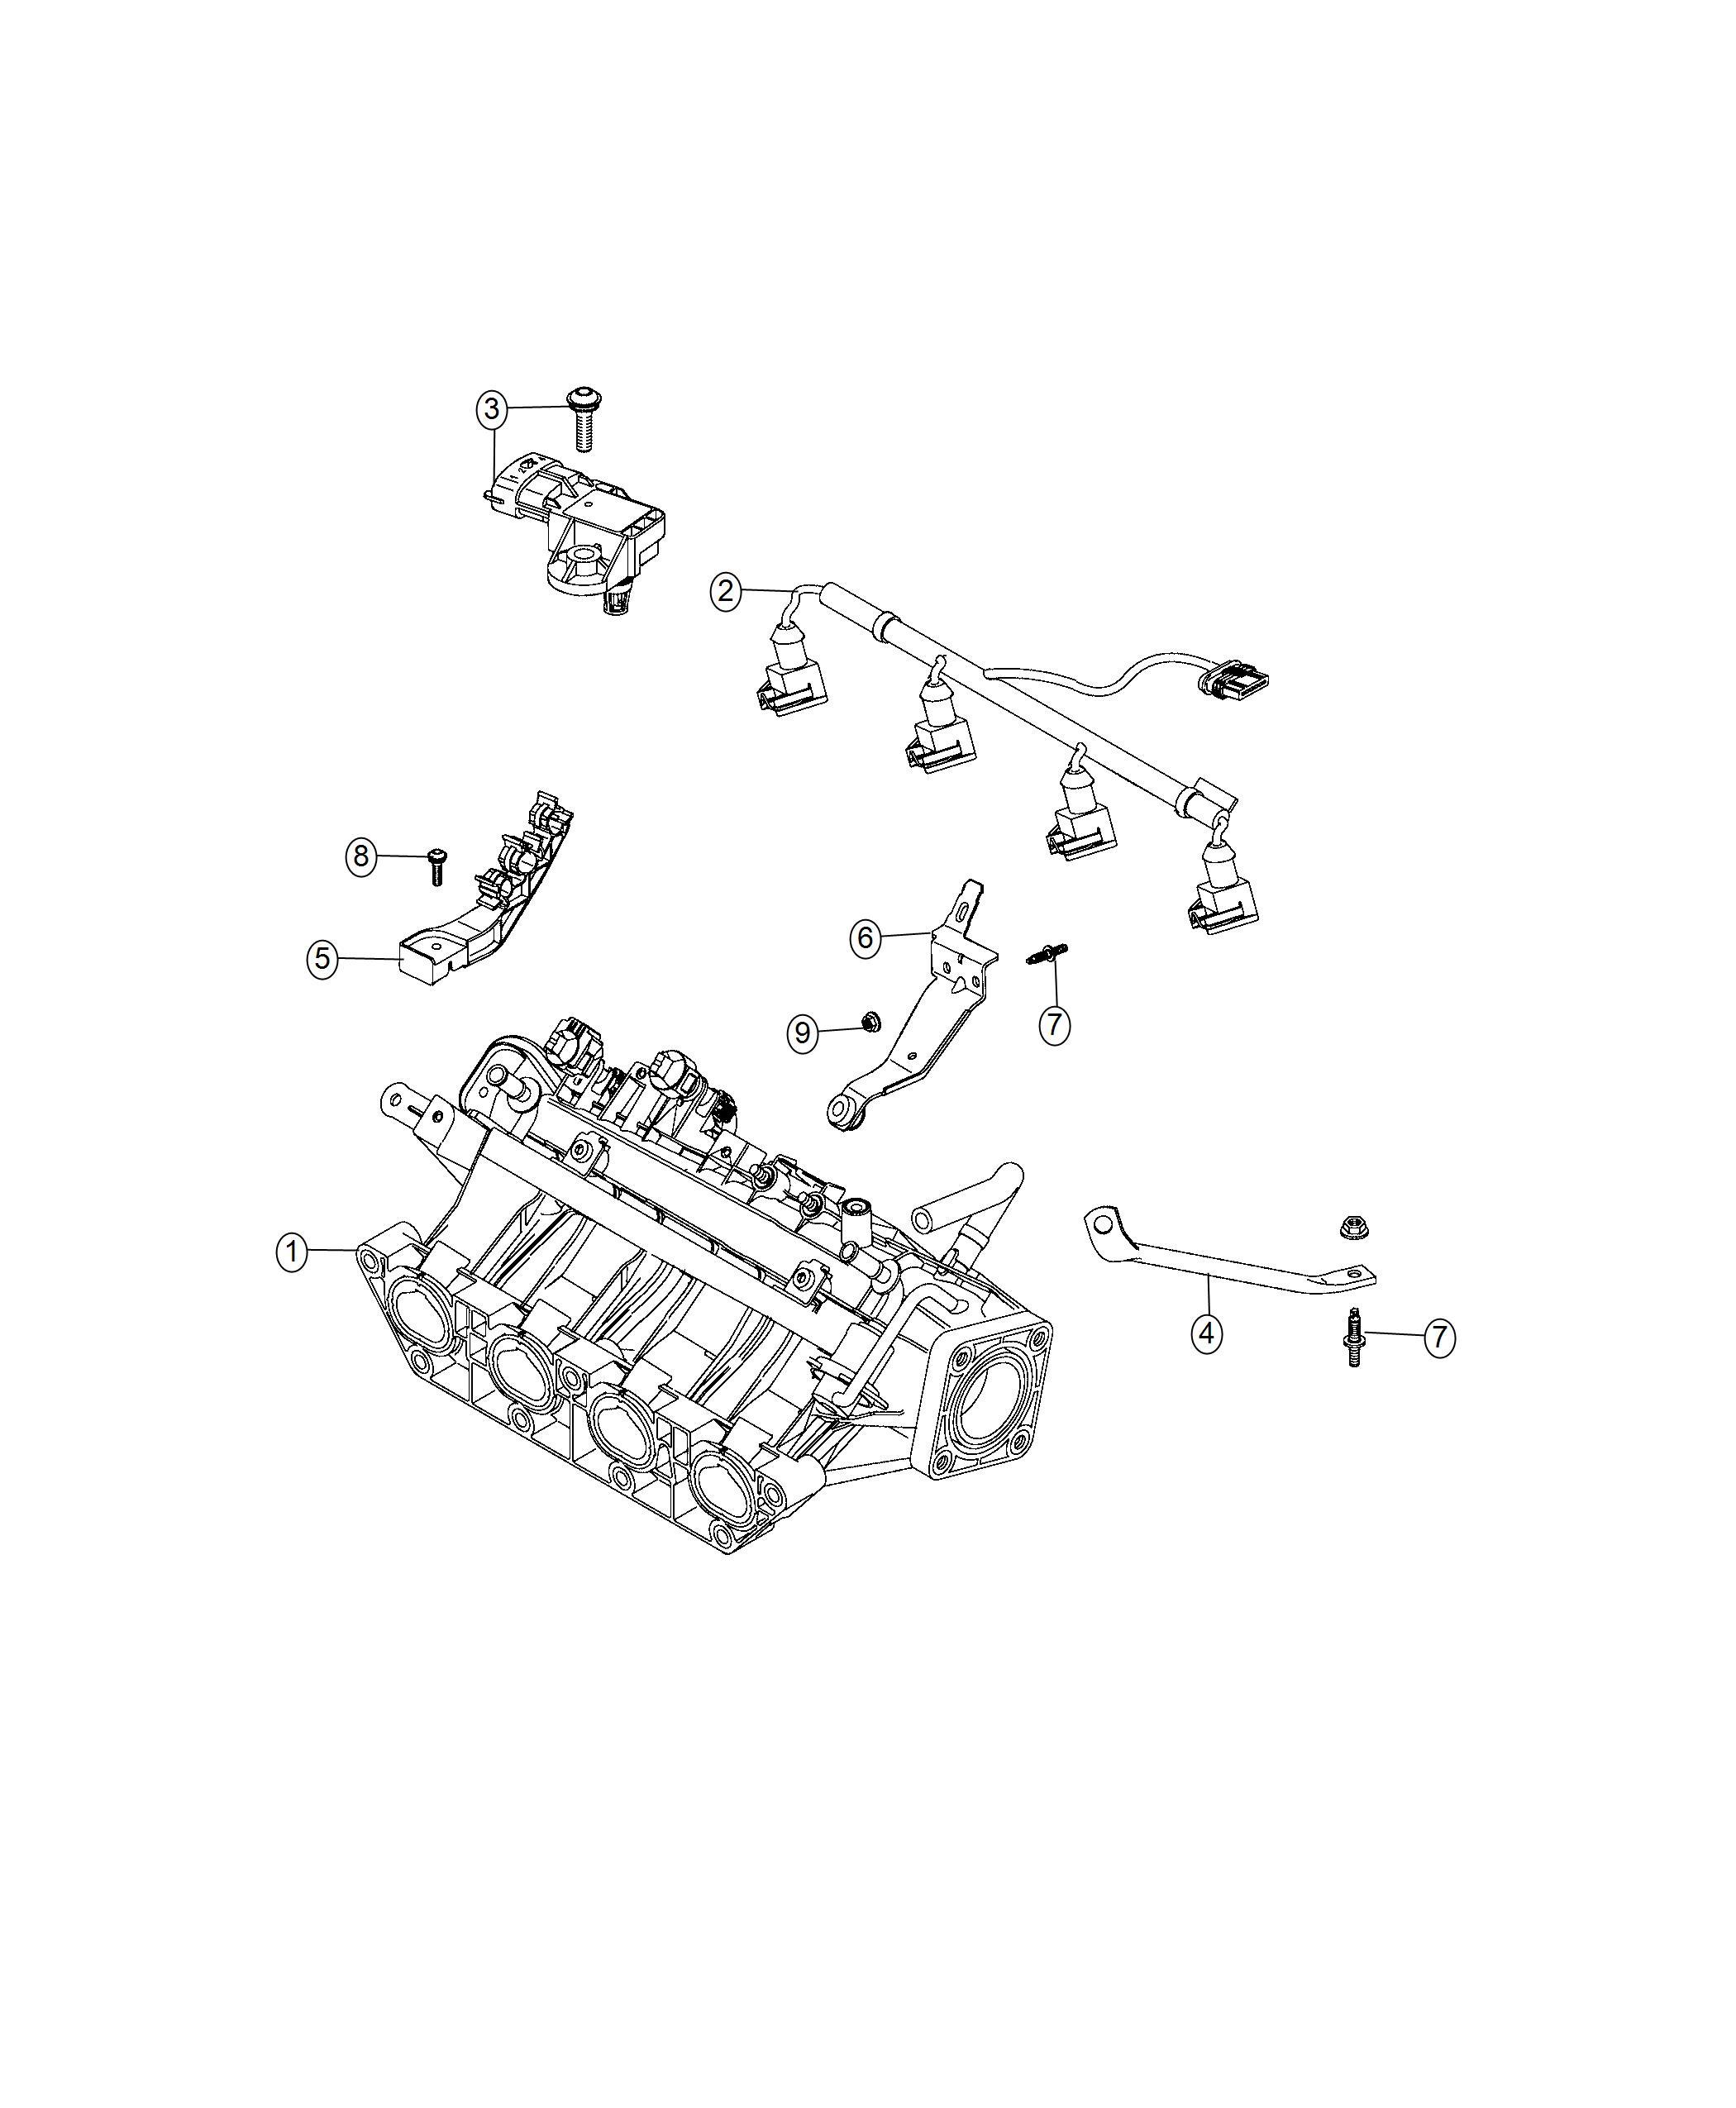 Fiat 500l Sensor Map Export